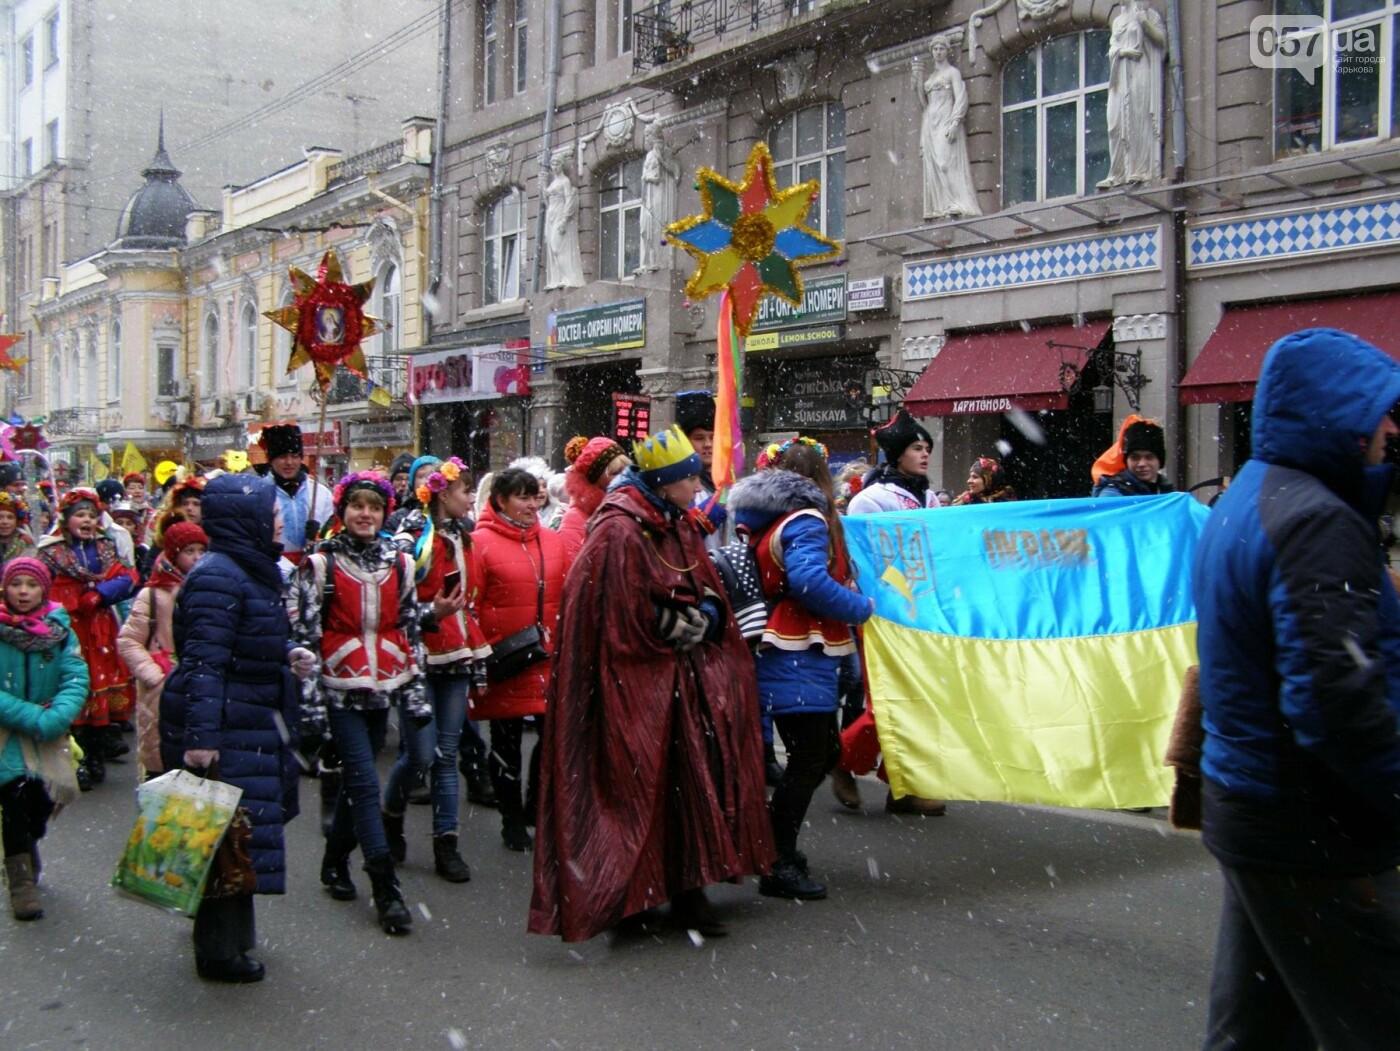 Харьков заполонили ангелы, козы и черти: в городе прошел масштабный фестиваль вертепов (ФОТО), фото-11